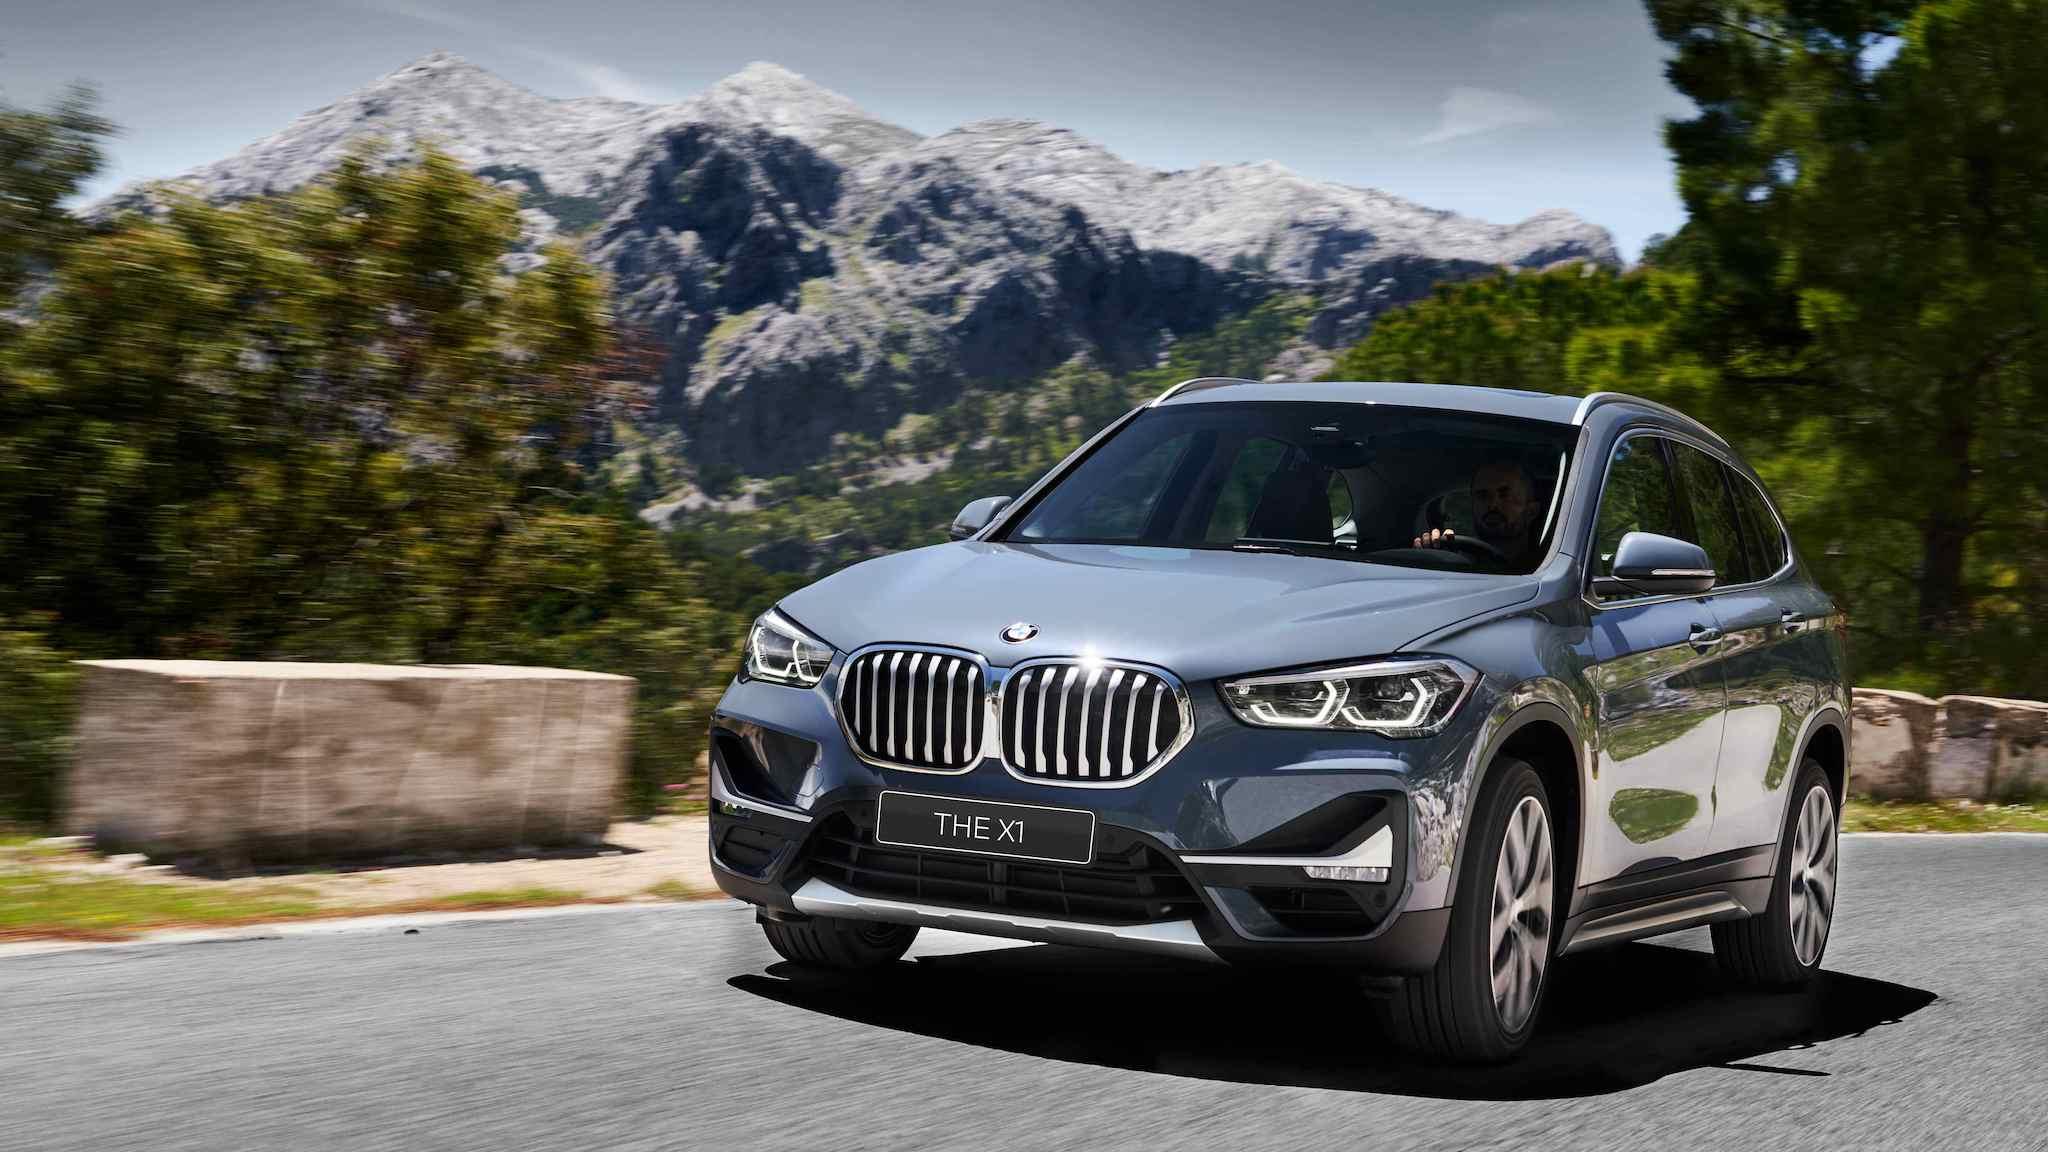 本月入主全新 BMW X1 享 0 頭款、0 首付優惠專案,限時加碼 4 次保養與一年乙式全險。